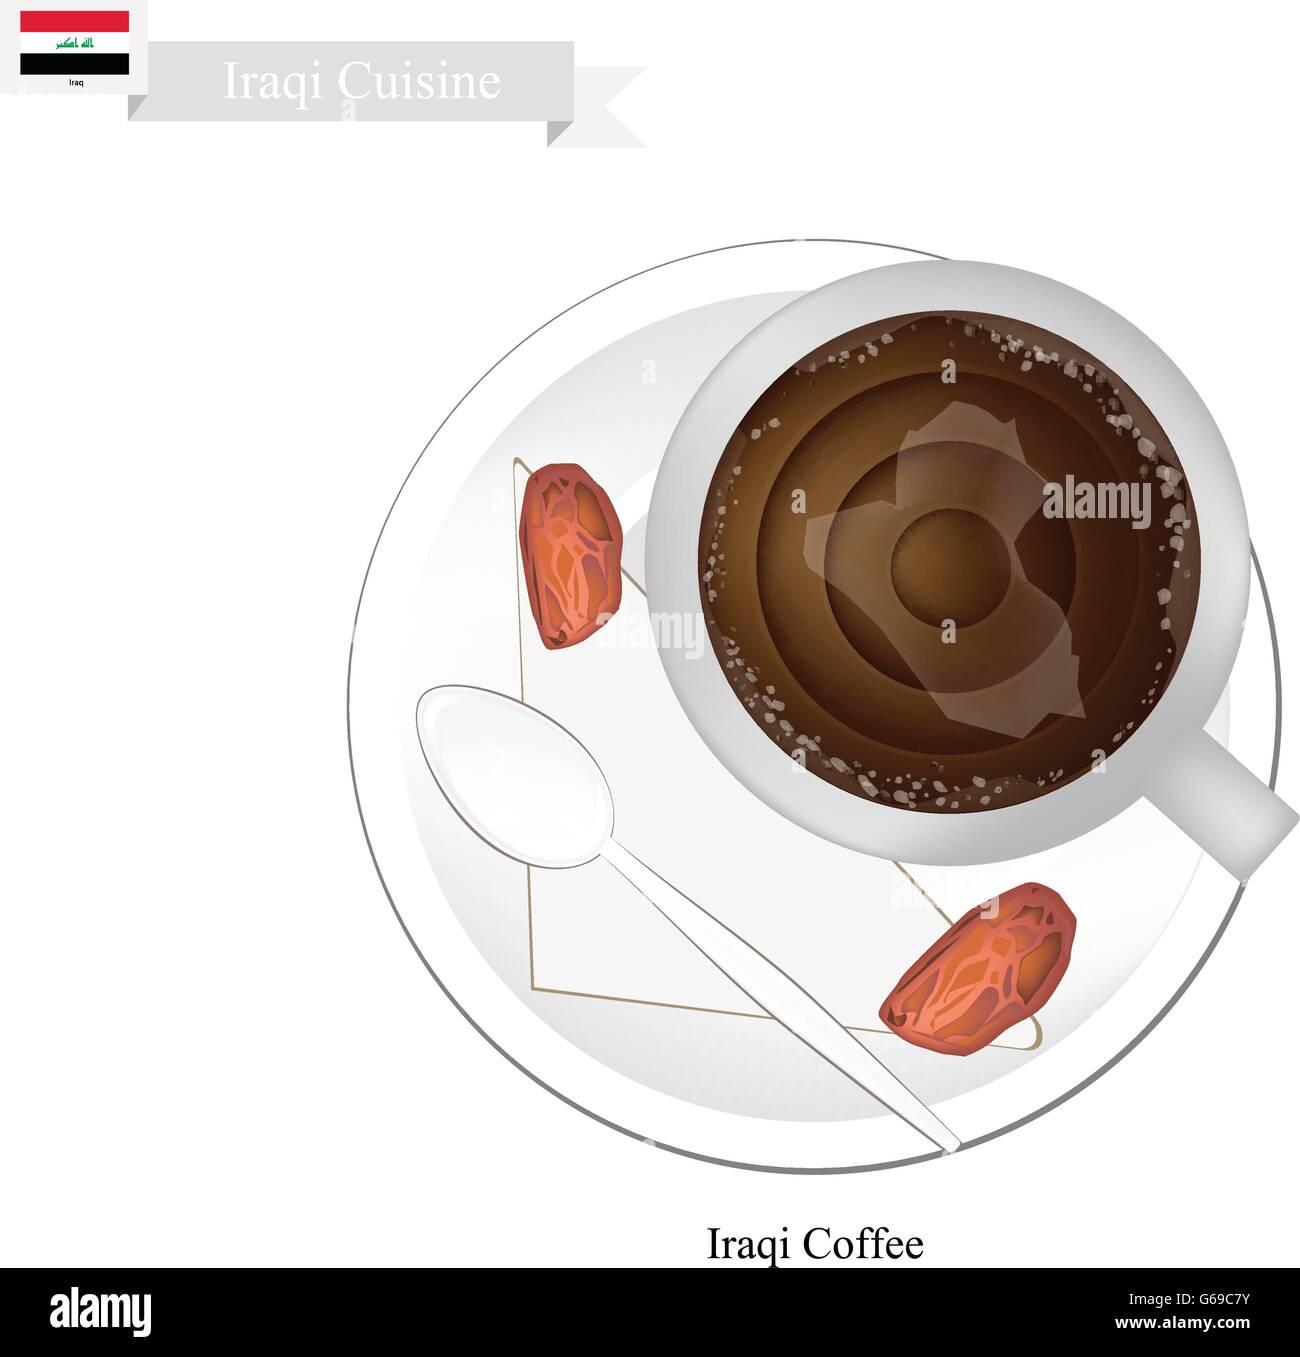 Irakische Küche, Irakische Kaffee Oder Kaffee Gebraut Aus Dunkle Röstung  Kaffeebohnen Mit Kardamom Gewürzt.